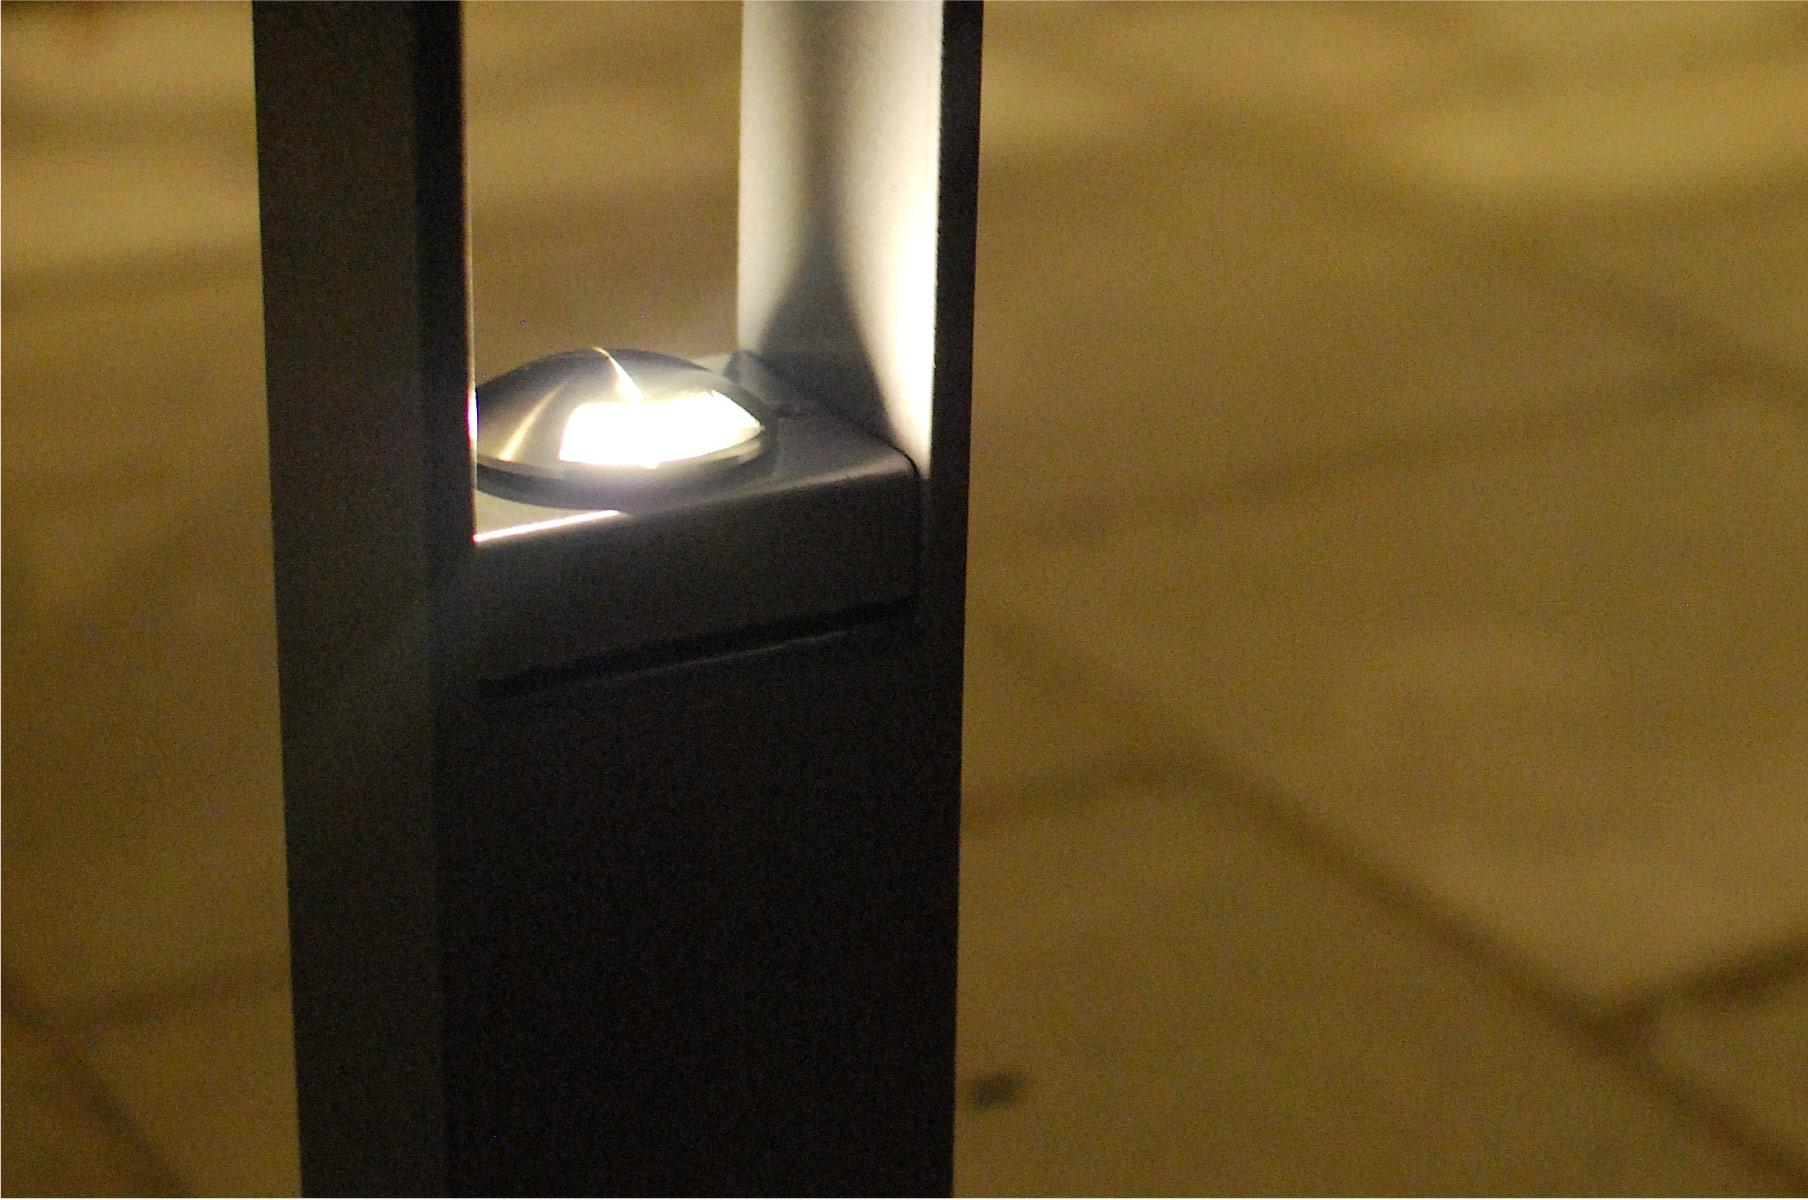 Kvällsbild av cykelpollare LUX från Cyklos med infälld LED-belysning